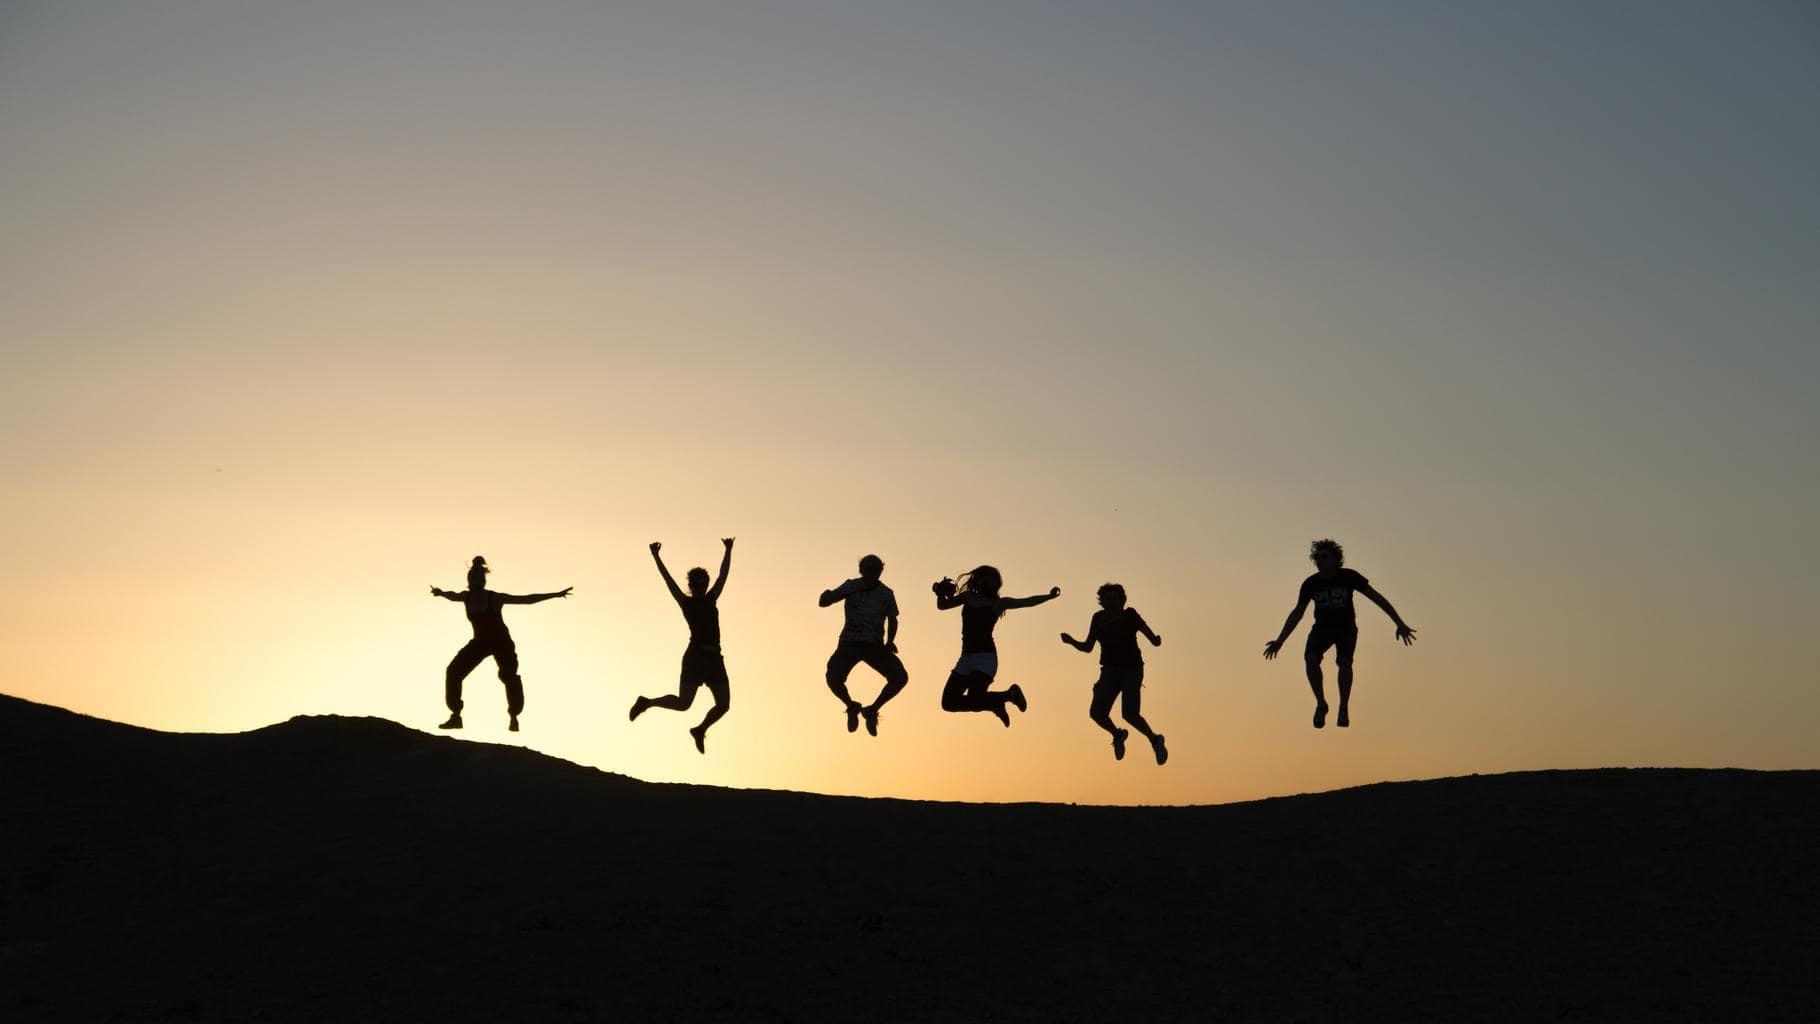 Siluetas de varias personas saltando